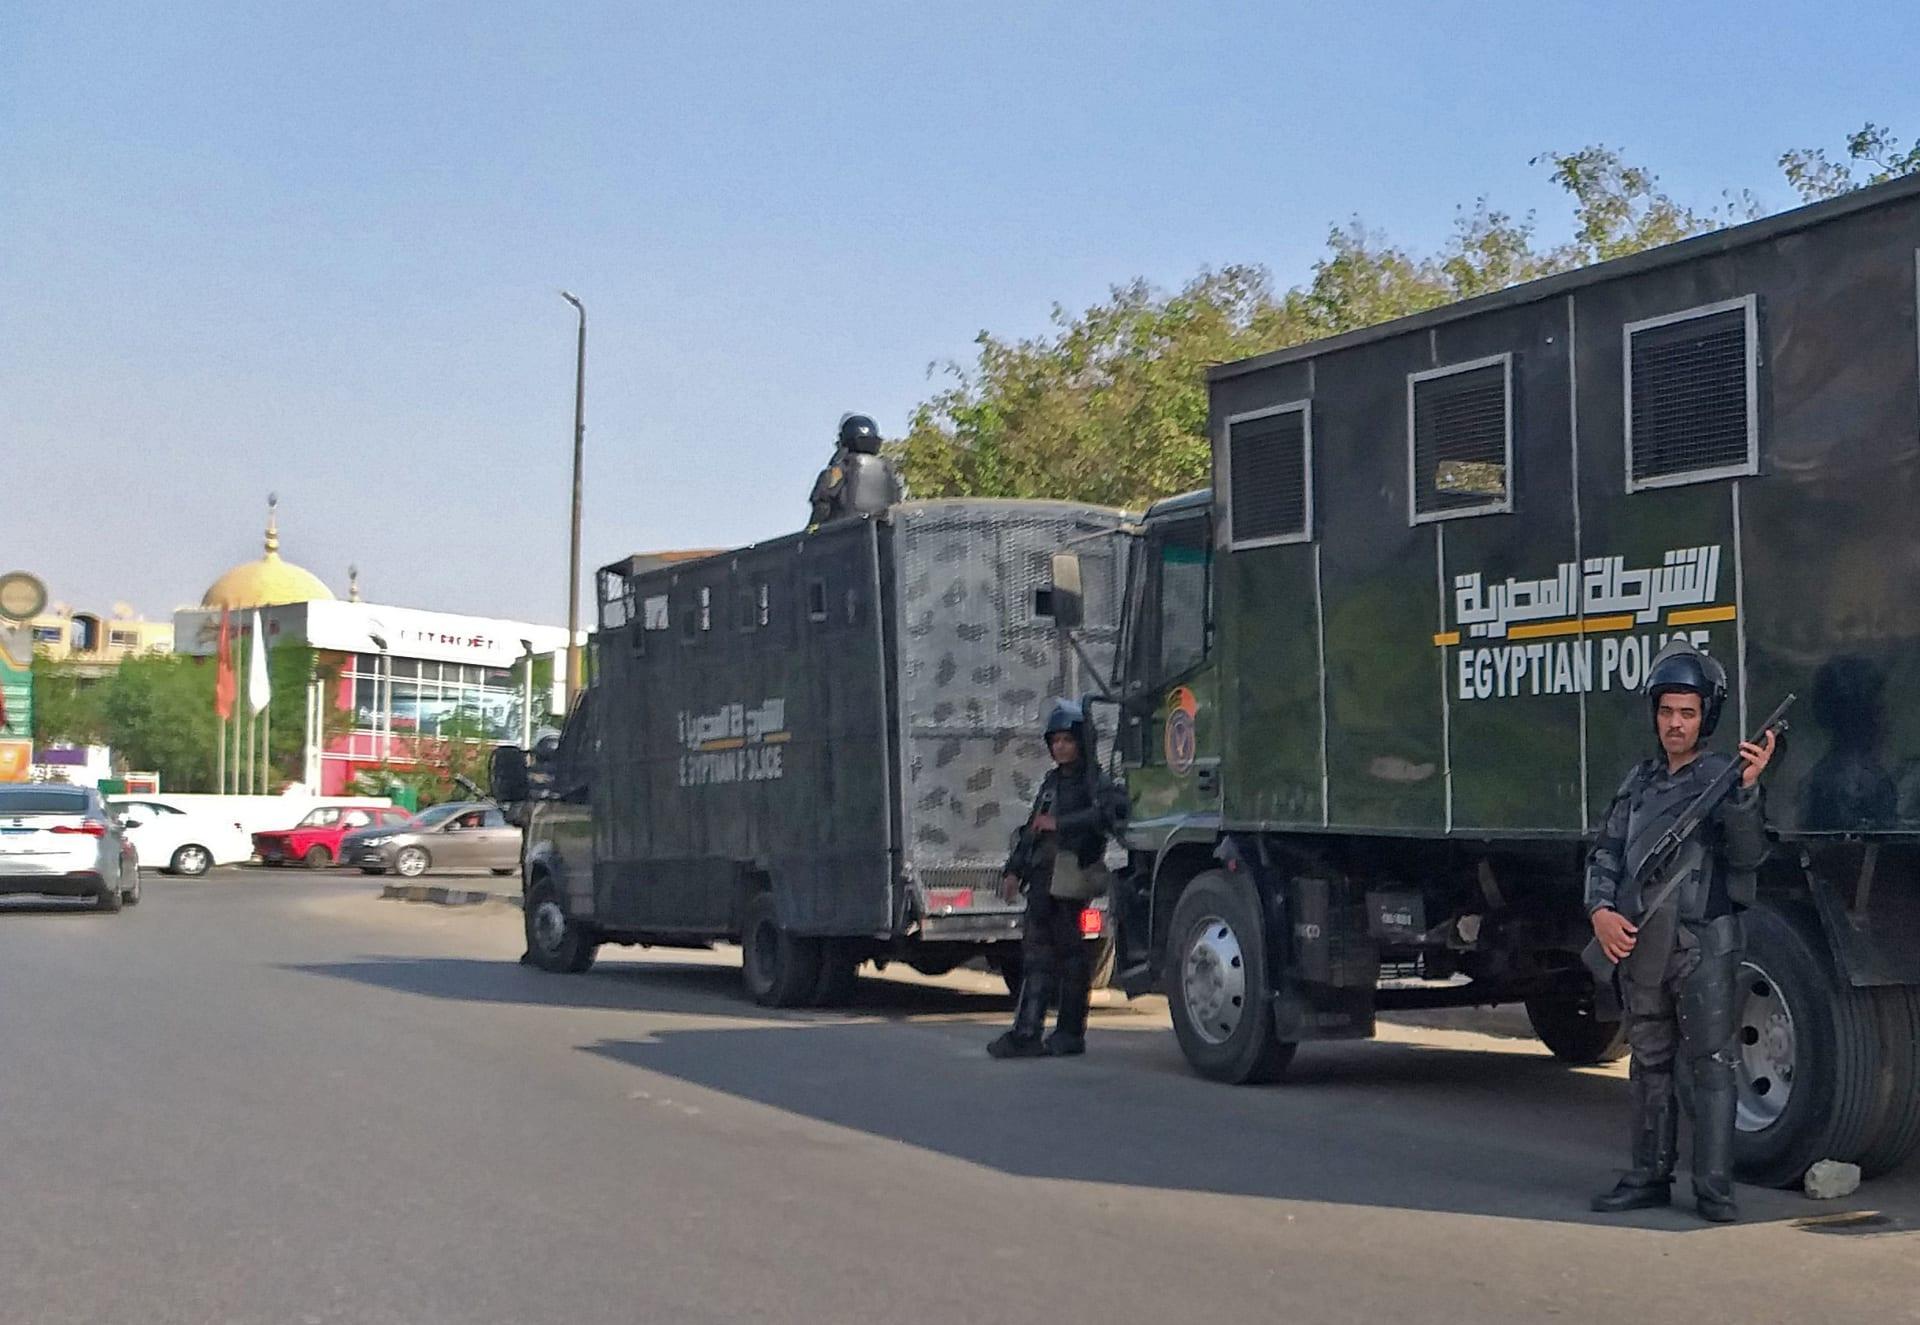 شرطة مكافحة الشغب المصرية في العاصمة المصرية القاهرة - 27 سبتمبر 2019.